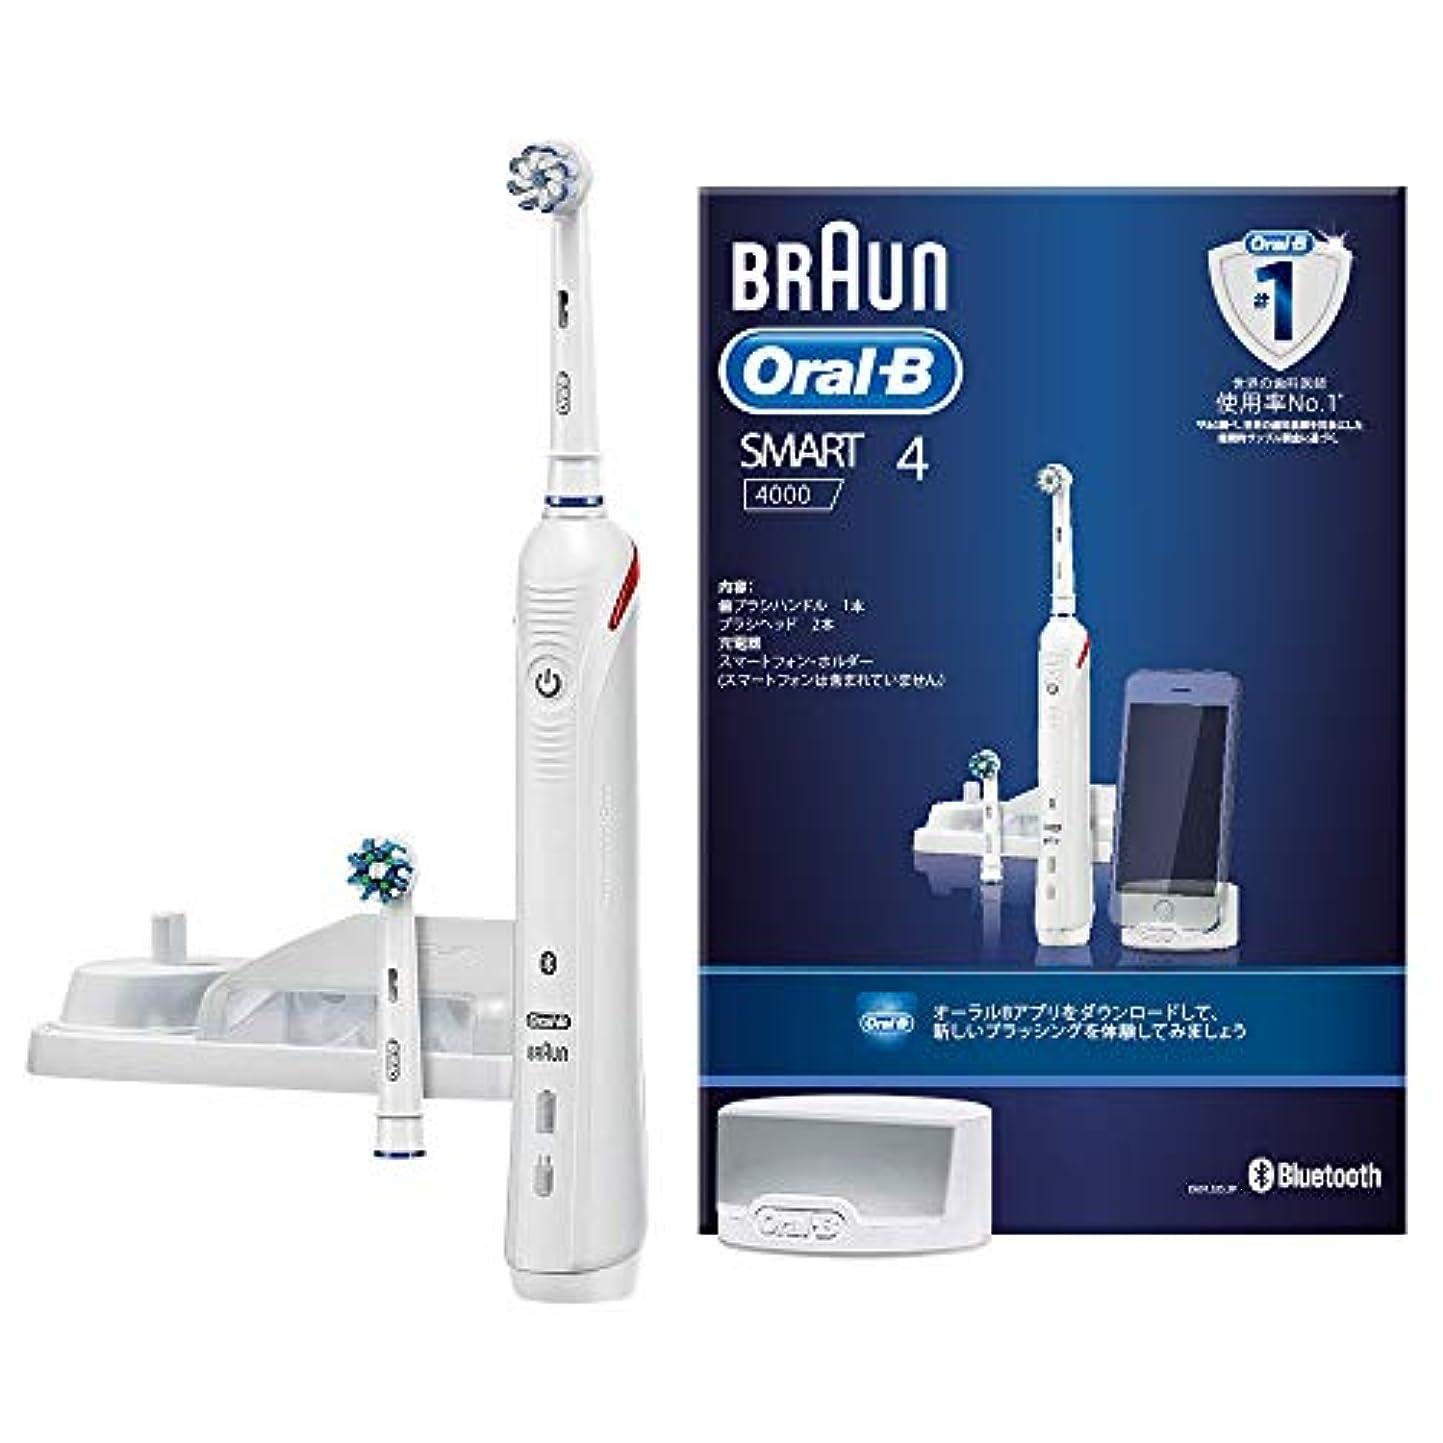 アサー代理店くまブラウン オーラルB 電動歯ブラシ スマート4000 D6015253P